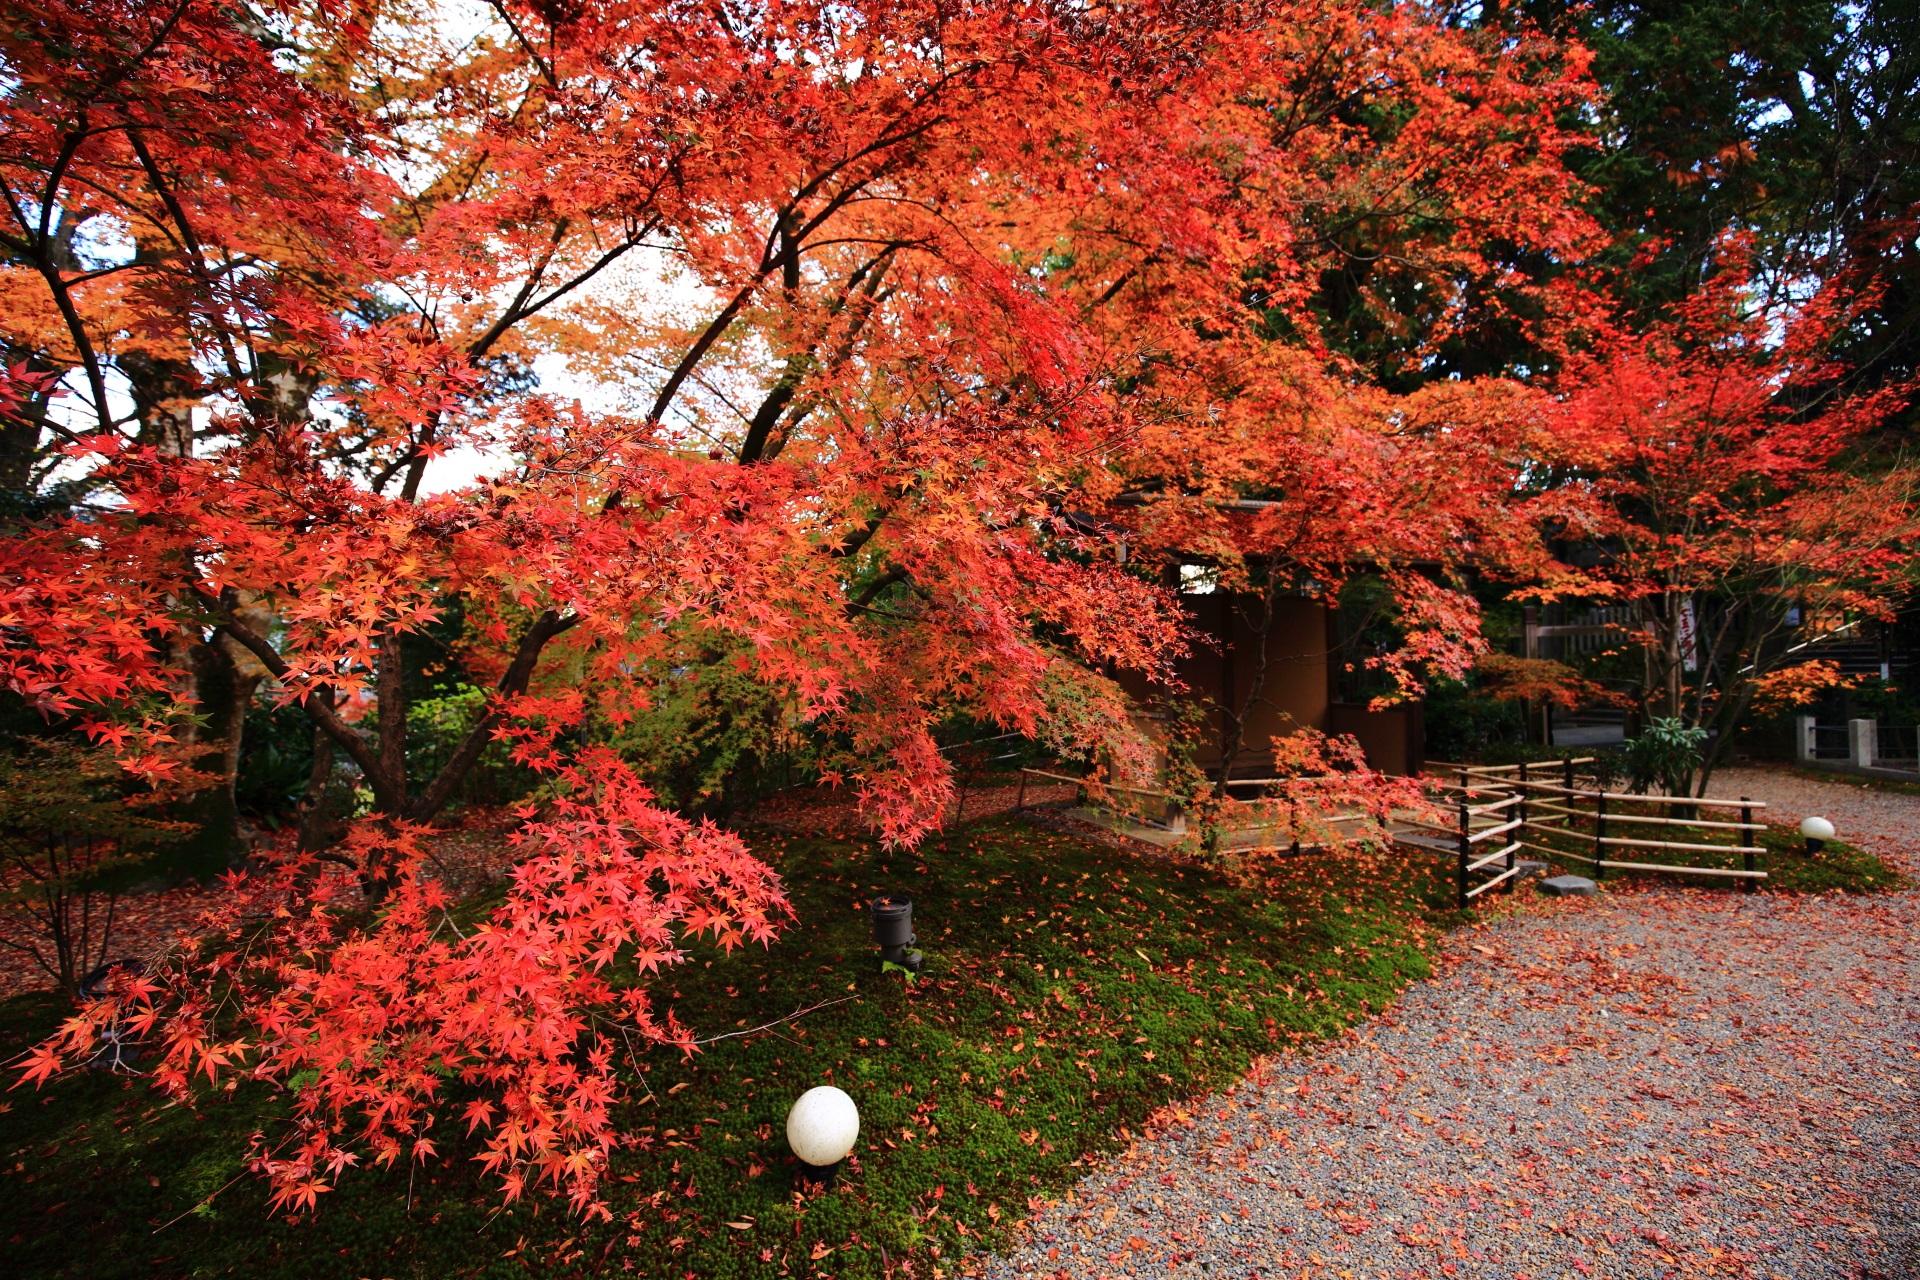 長岡天満宮 紅葉 錦色にそまる紅葉の隠れた名所